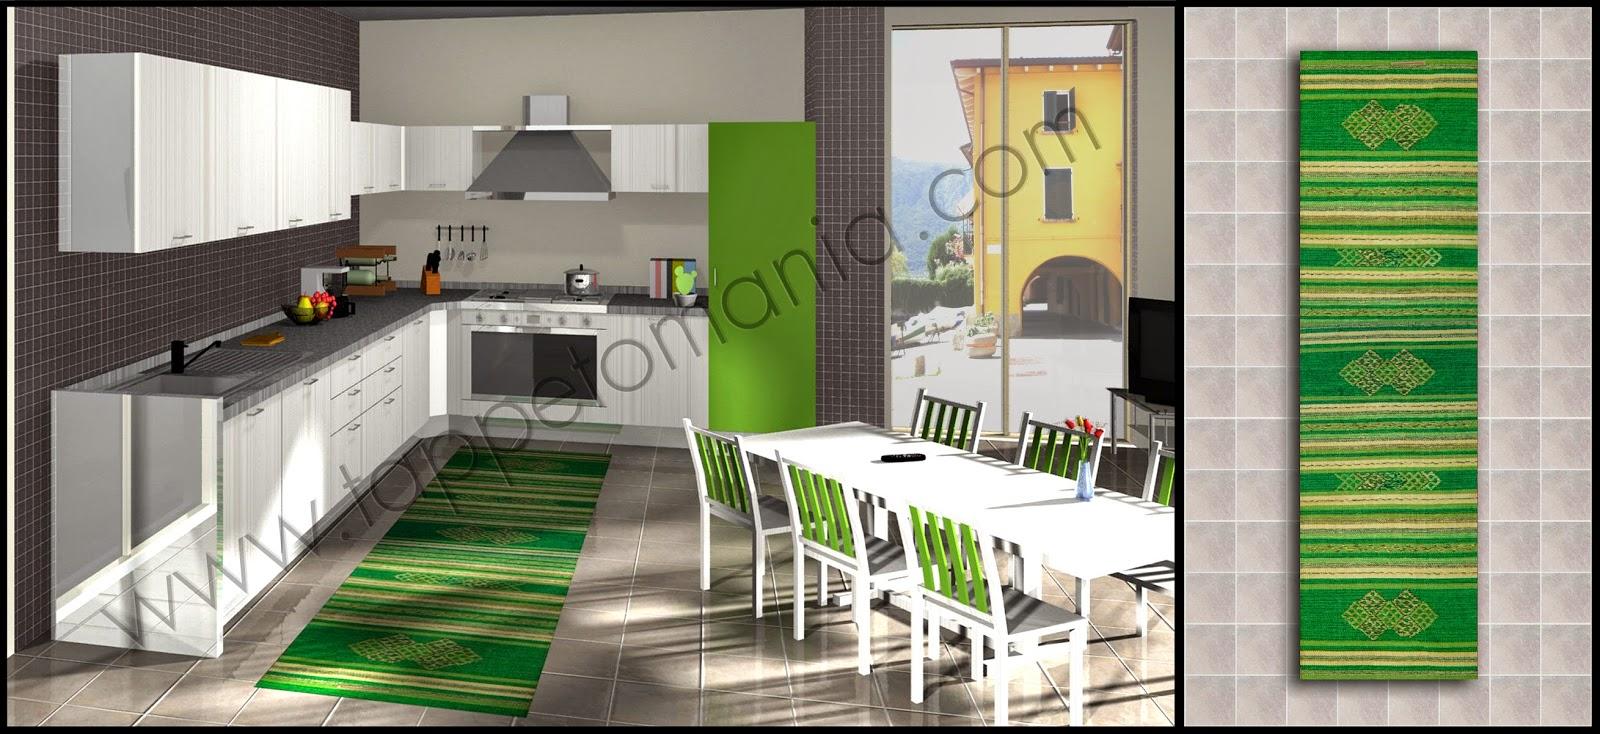 Tappeti Cucina Design. Best Tappeti Cucina Ikea Tappeti Cucina ...